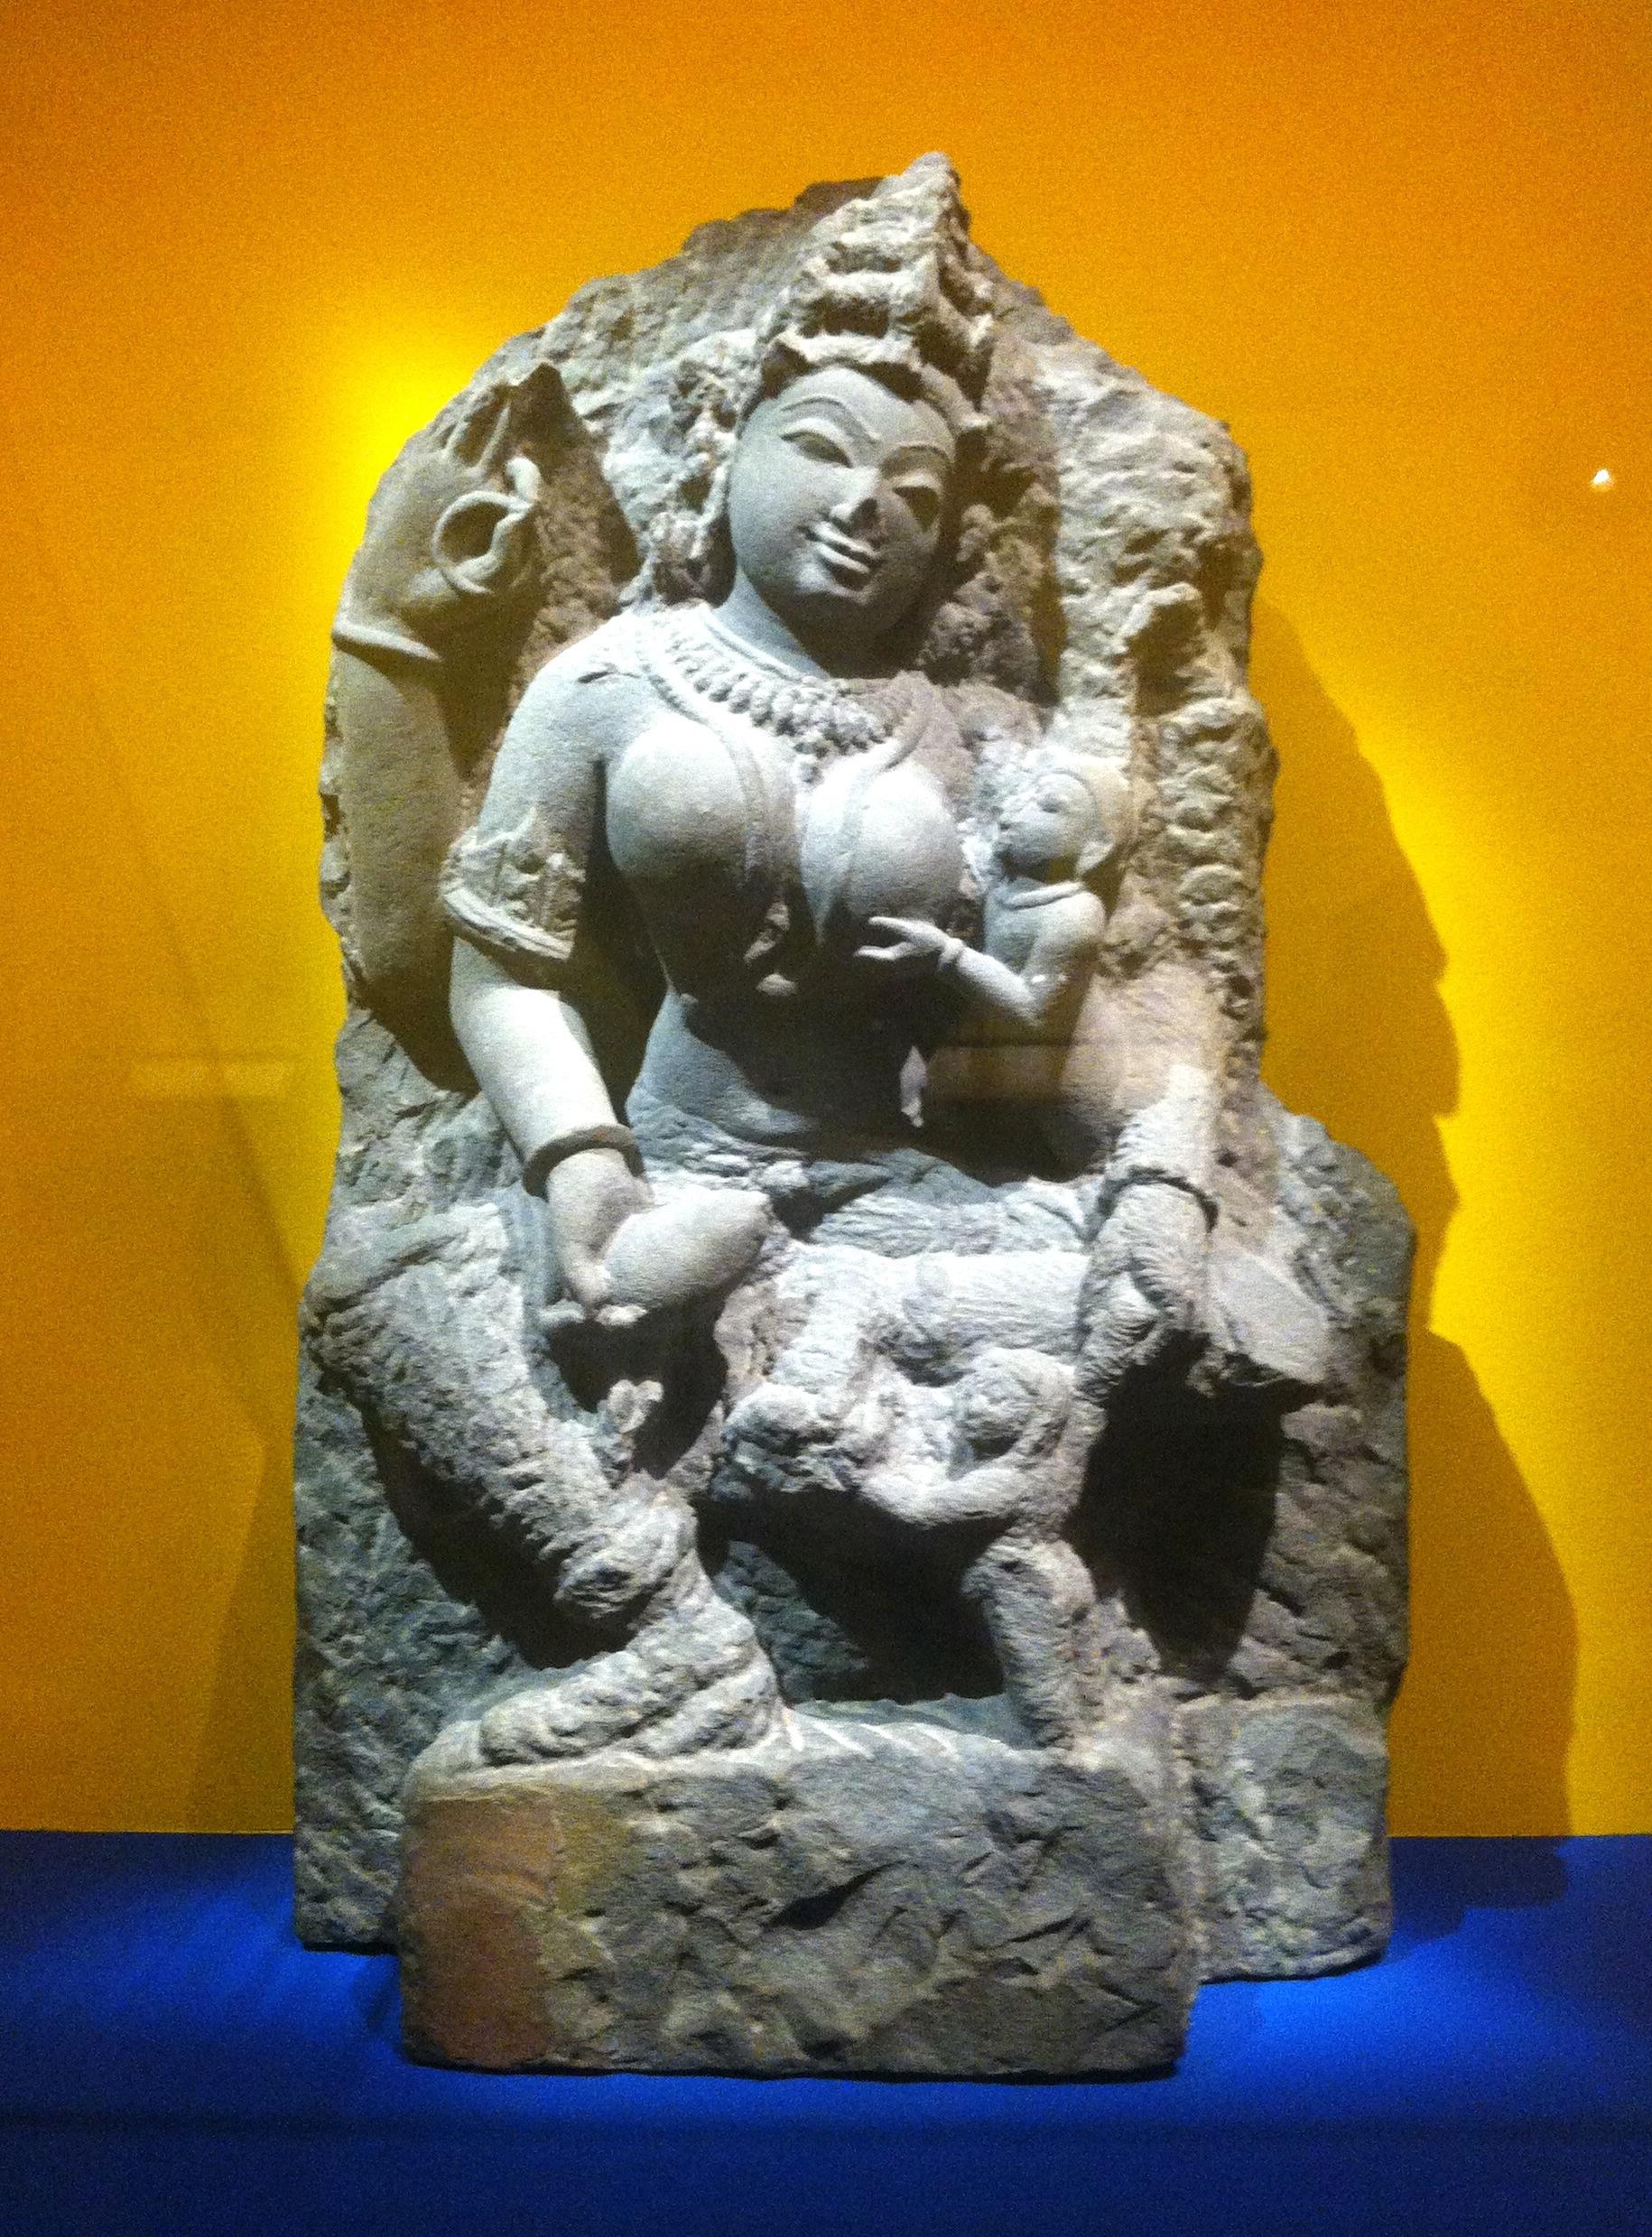 Déesse ambiguë lutinée par un enfant, alias Vierge à l'enfant pervers   > Rajasthan, XIe siècle